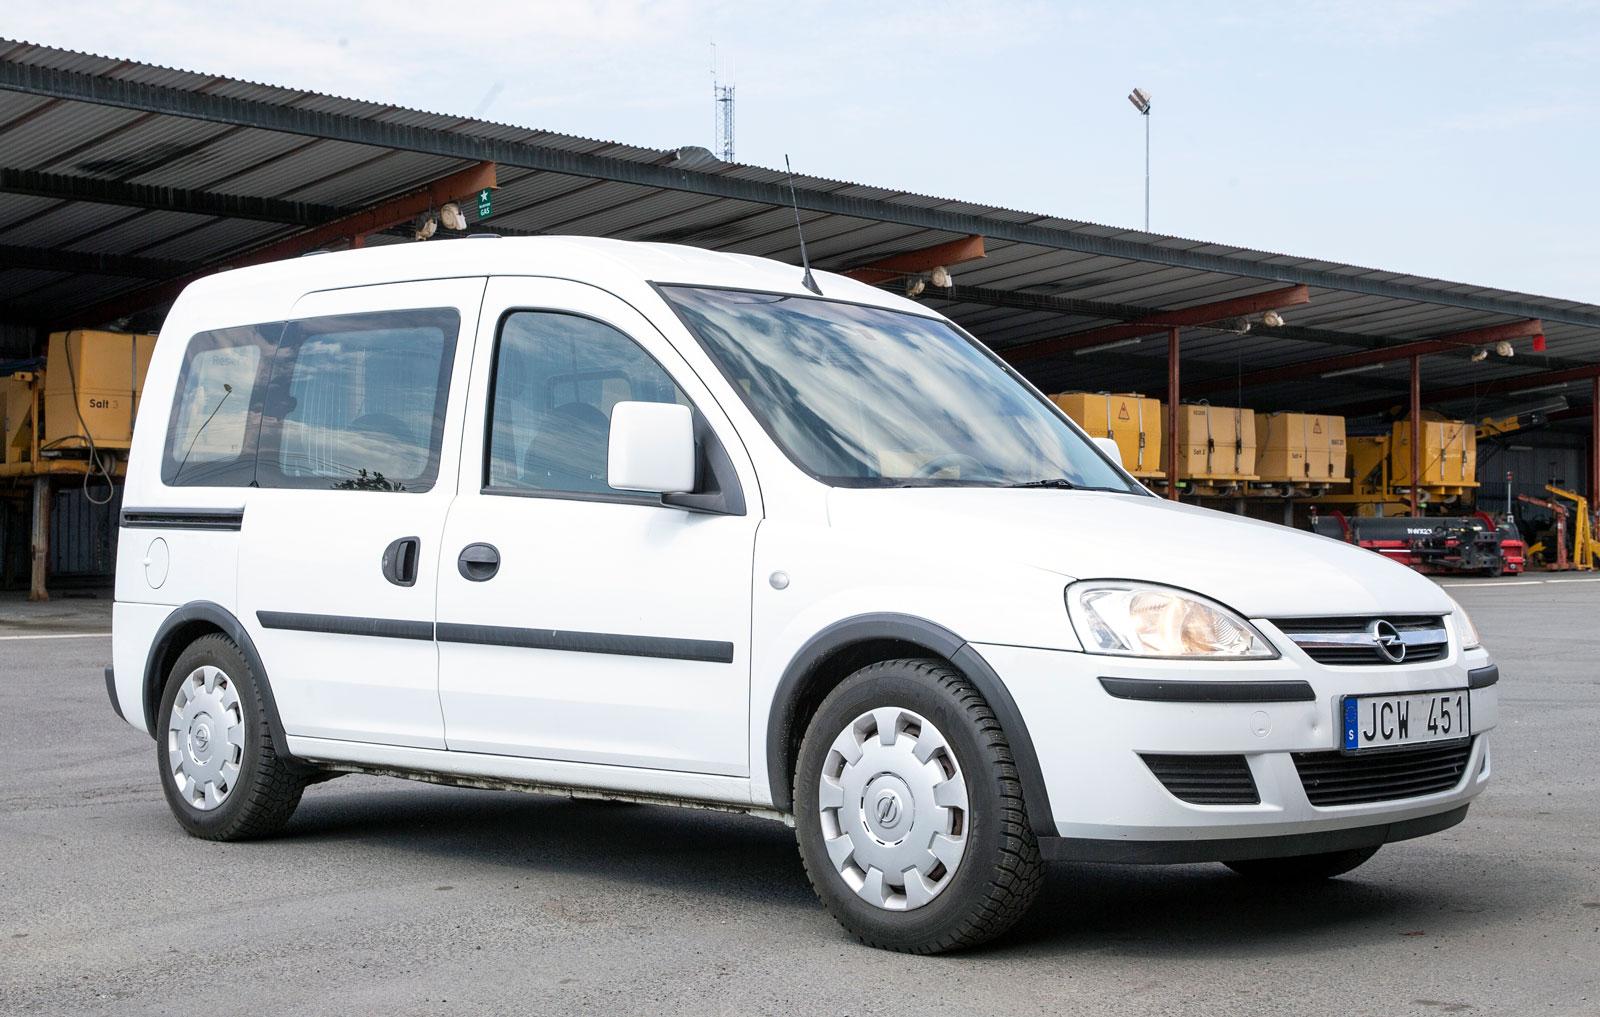 Fräsch utvändigt och fullt fungerande men med stora rostblaffor på gastankarna. Lennart Kjell, fordonsansvarig på Jönköpings kommun, lutar åt att sälja Opel Combon från 2009 som skrot.